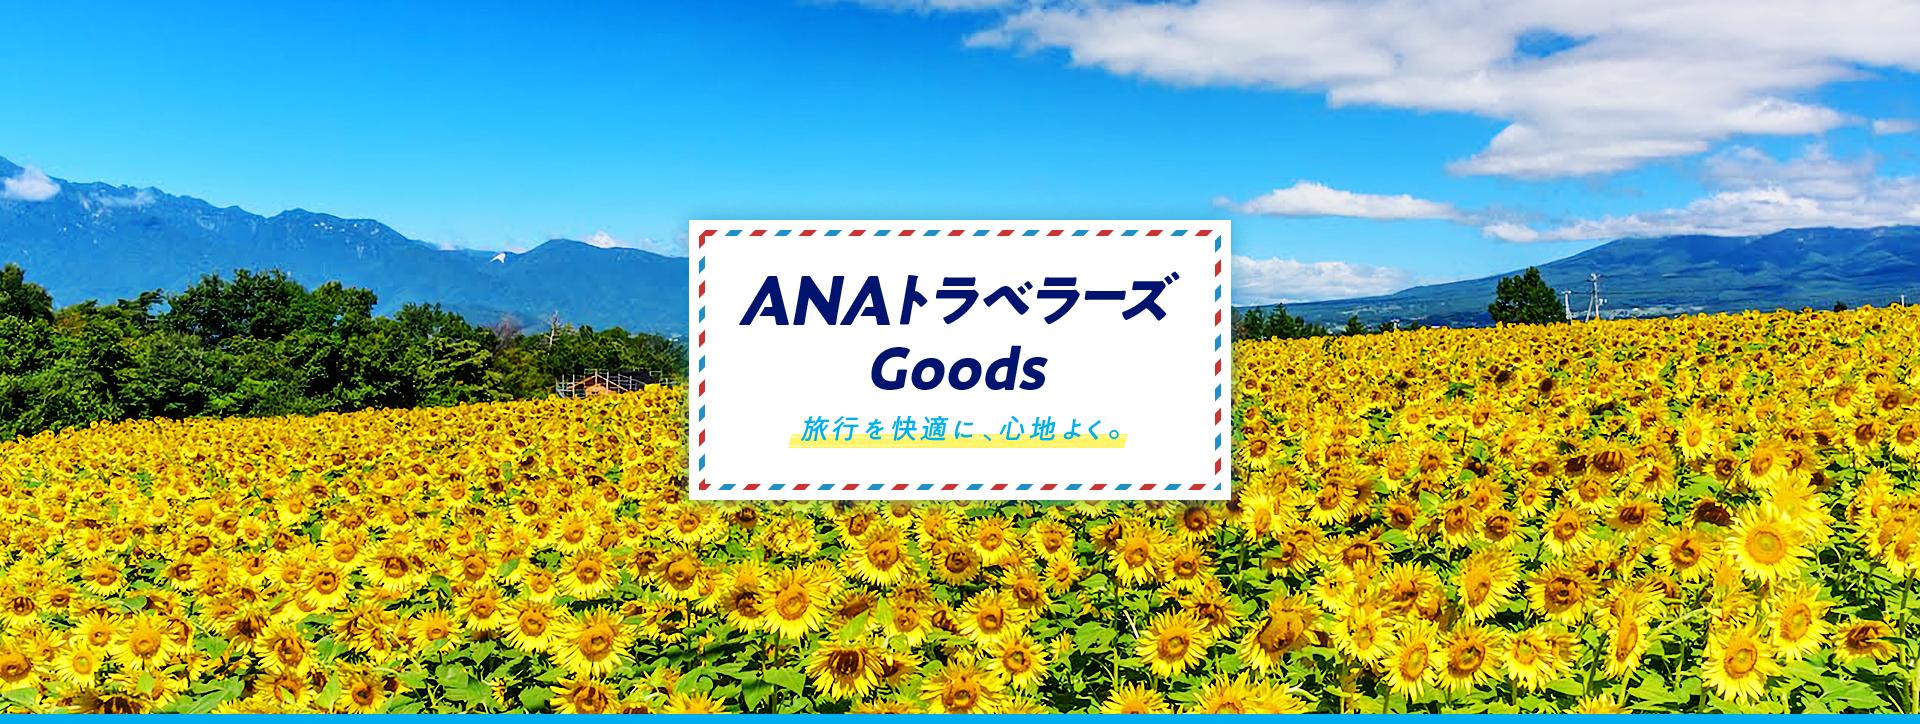 ANAトラベラーズGoods 旅行を快適に、心地よく。